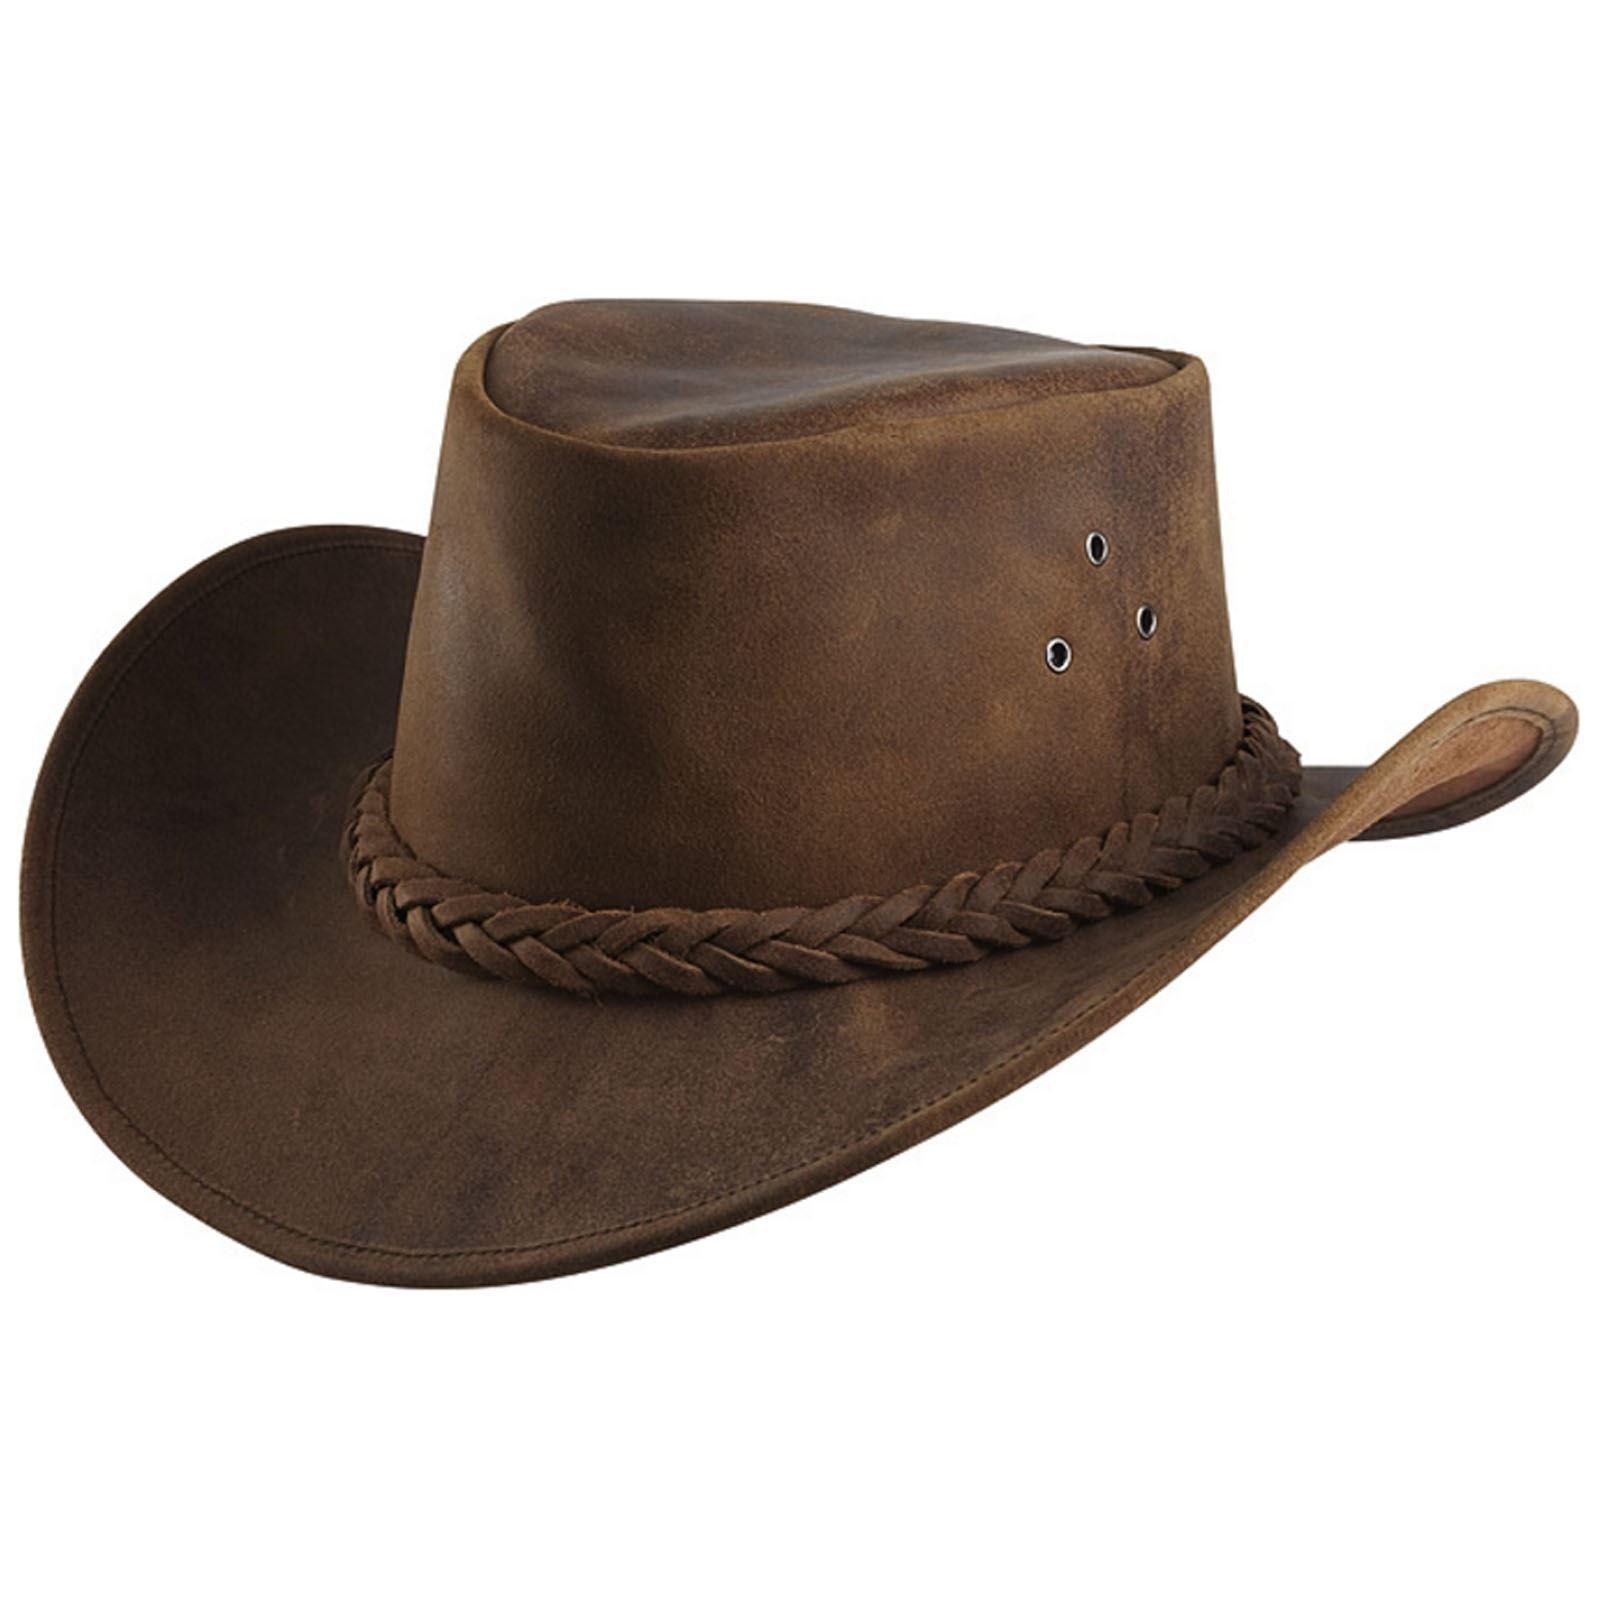 Randol's Antiqued Western Hat Brown